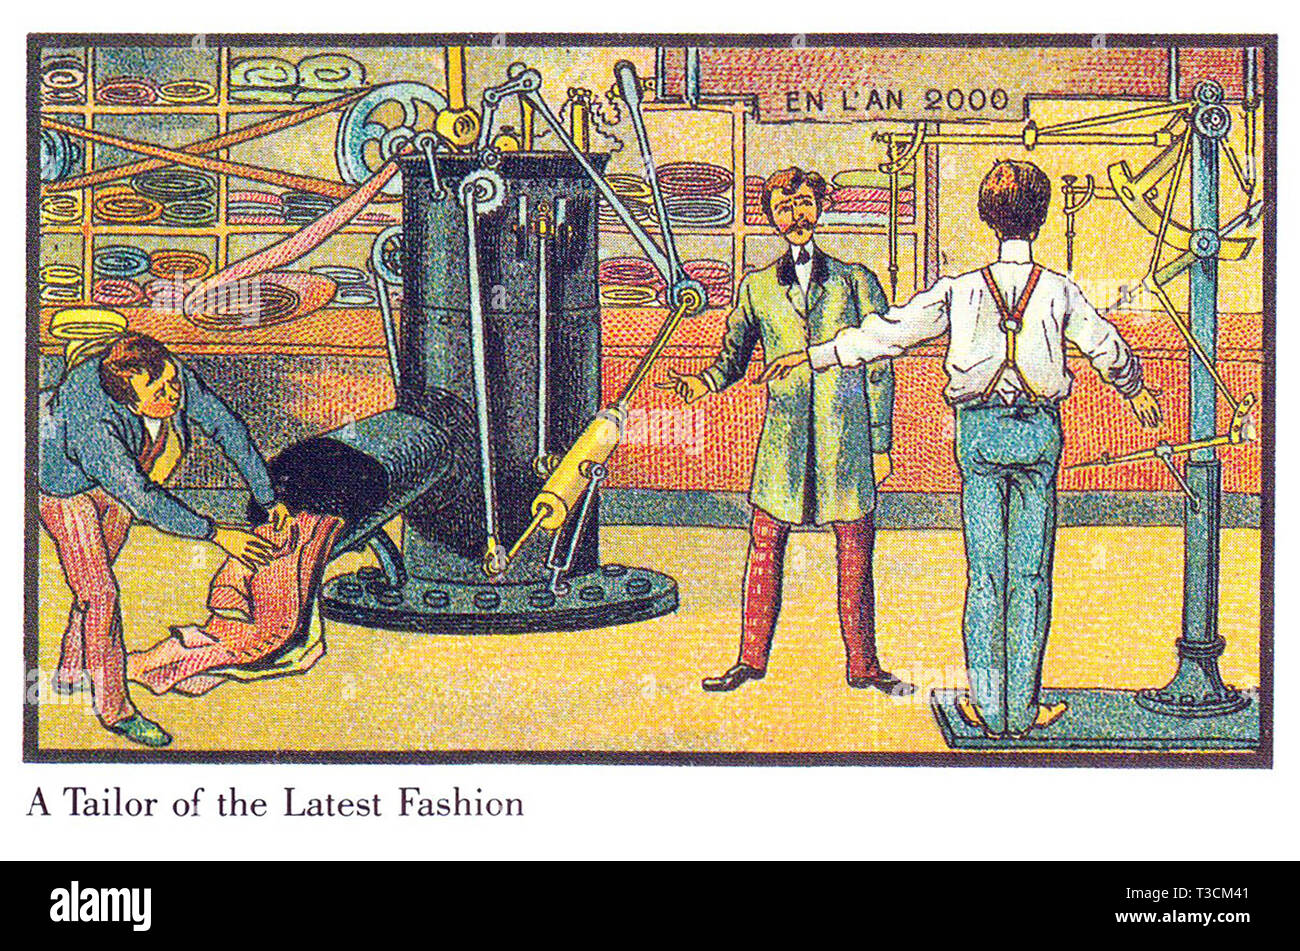 Nell'anno 2000 serie francese di illustrazioni pubblicati tra il 1899 e il 1910 immaginario che mostra i progressi tecnologici. L'ultima moda per uomo prodotta automaticamente. Immagini Stock